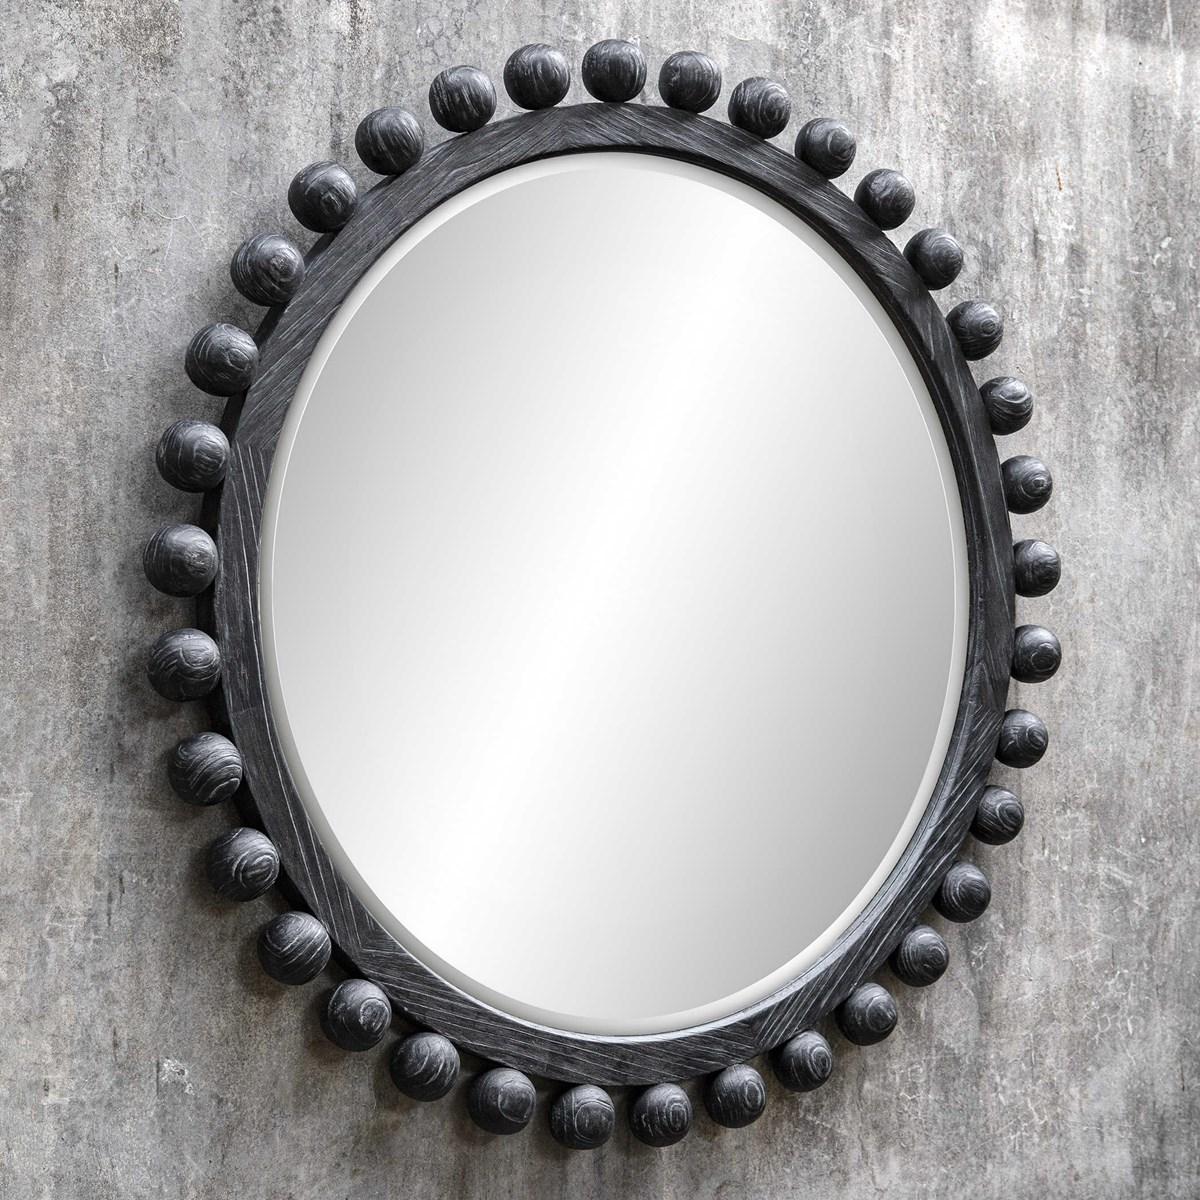 uttermost-brianza-ebony-wood-large-round-unique-black-limed-oak-modern-wall-mirror-unusual.jpg